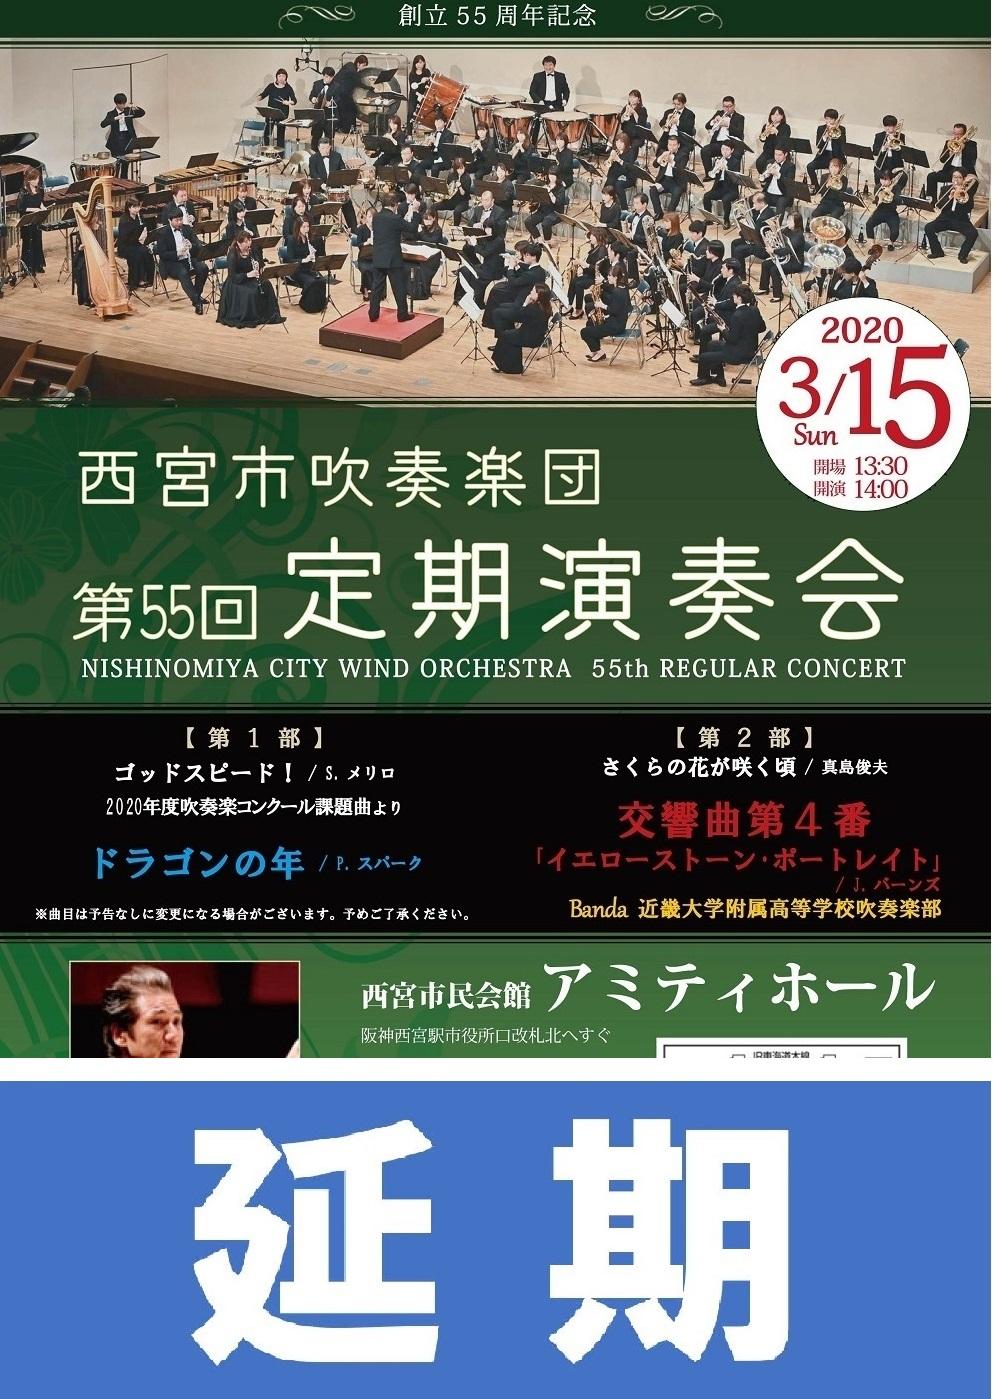 西宮市吹奏楽団第55回定期演奏会【本催しは延期になりました】